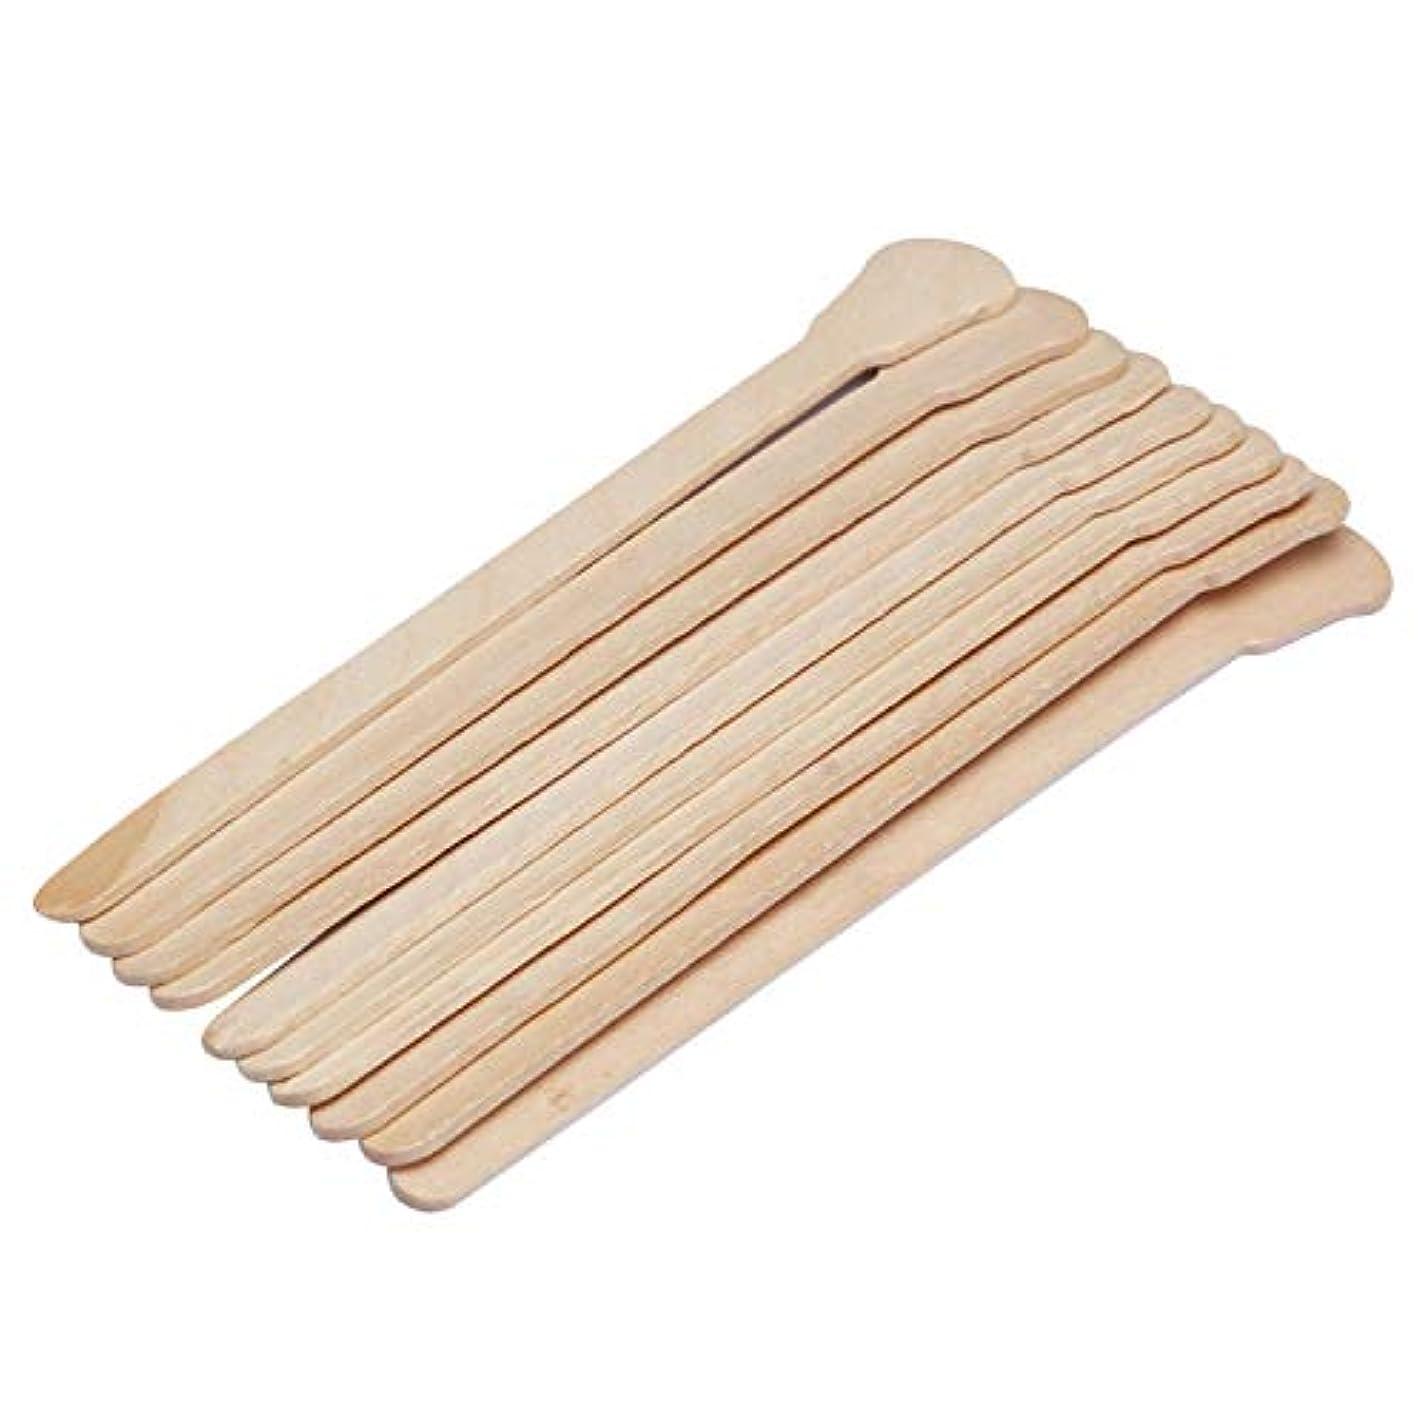 しなやか豊富に勃起Migavann 50ピース12.5センチブラジリアンワックス 脱毛 木ヘラ ウッドスパチュラ ワックス脱毛木製ワックススティックワックスへら 使い捨て木製ワックスヘラ舌ワックスアプリケータ